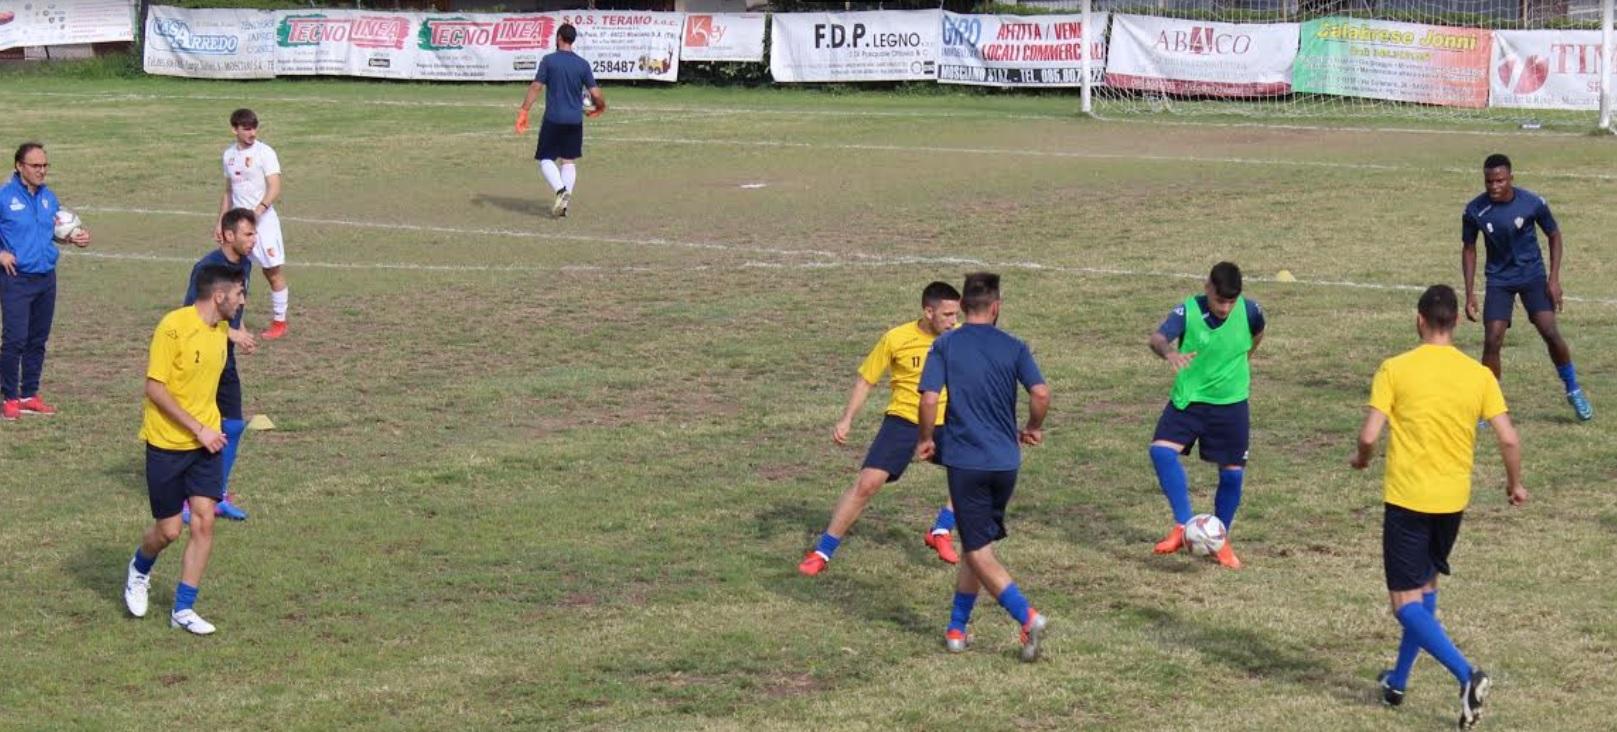 Mosciano Pucetta 0 - 3, il racconto della gara